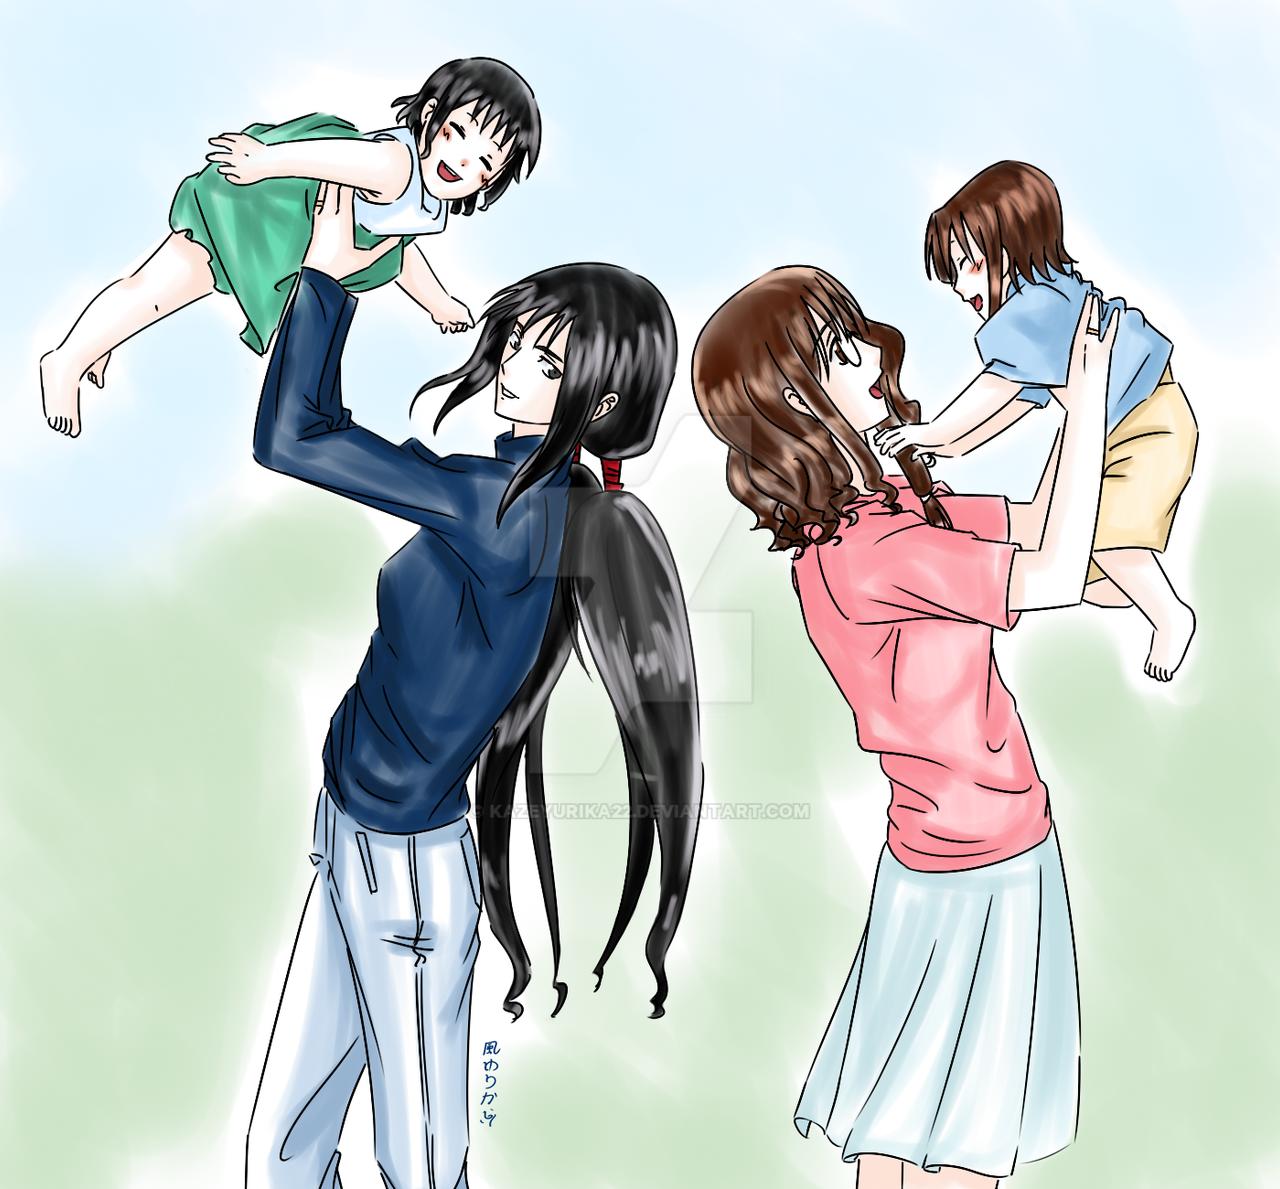 [A Happy Family] By Kazeyurika22